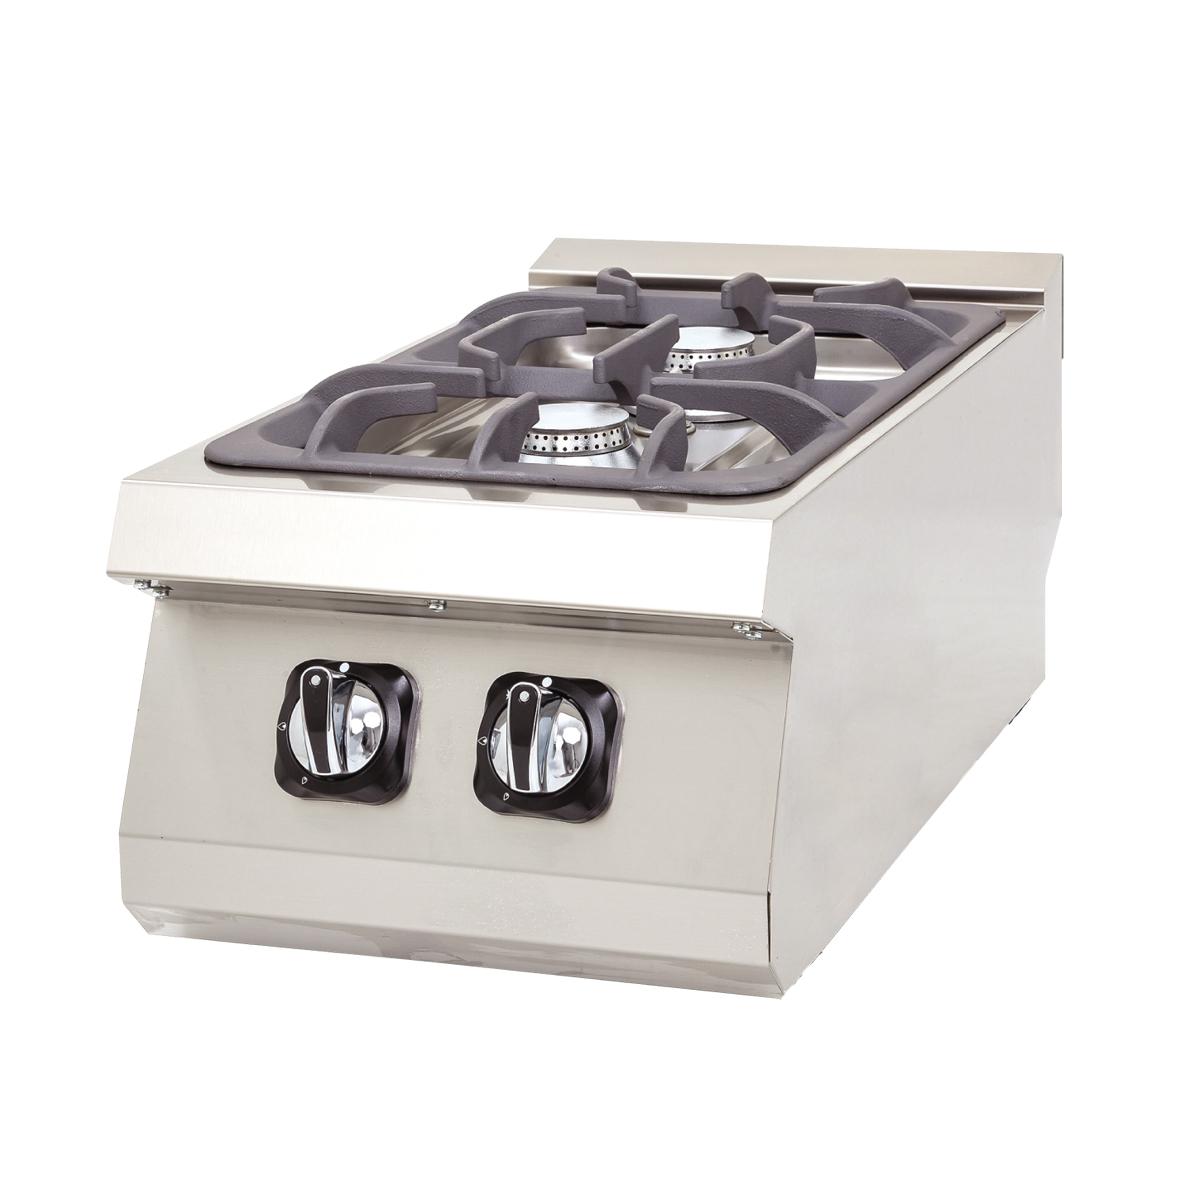 Gas Cooker - 40x60